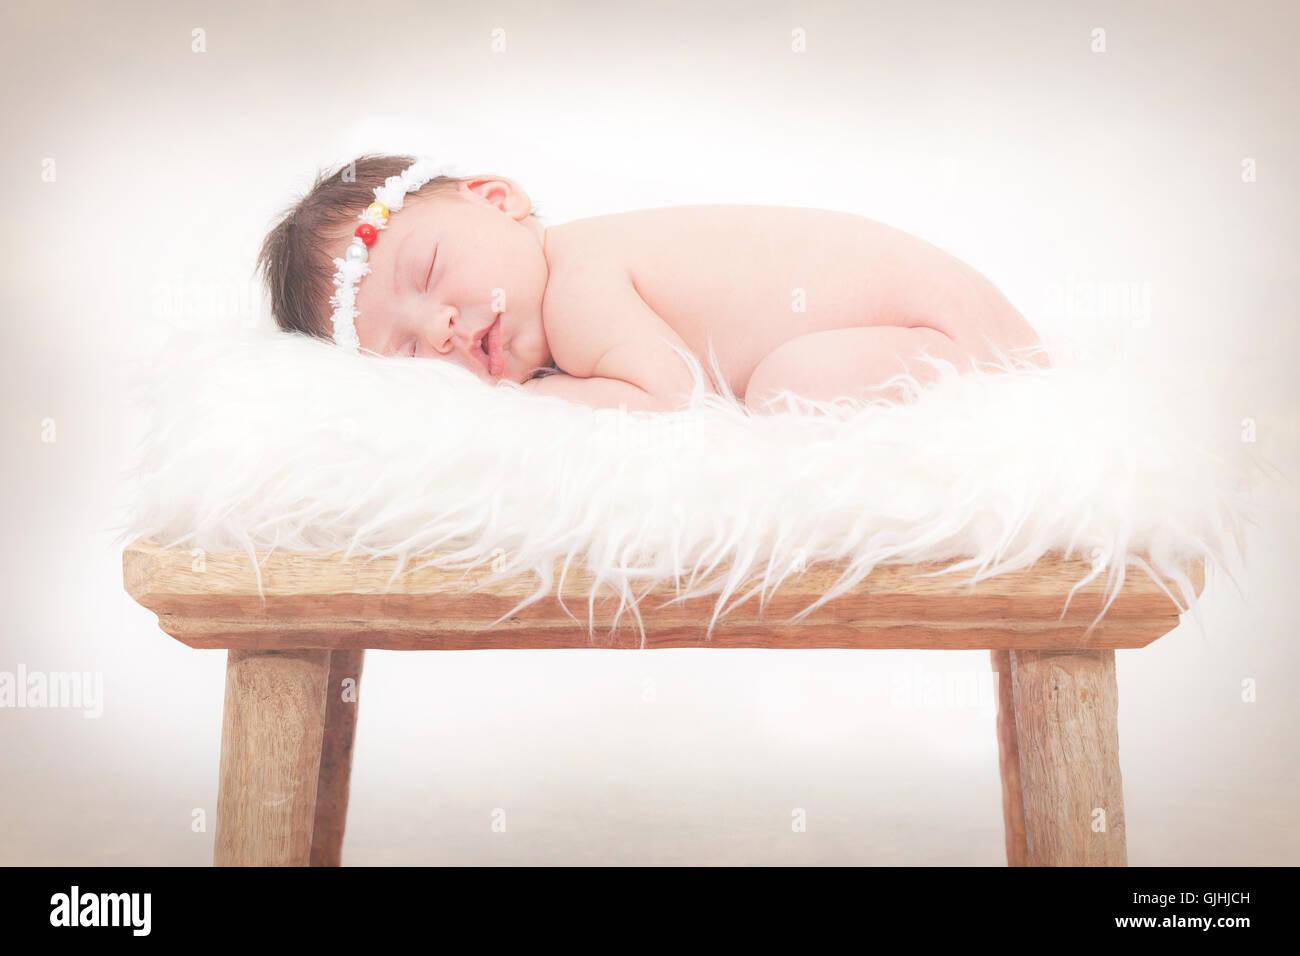 Retrato de un bebé recién nacido duerme en la mullida alfombra chica Foto de stock